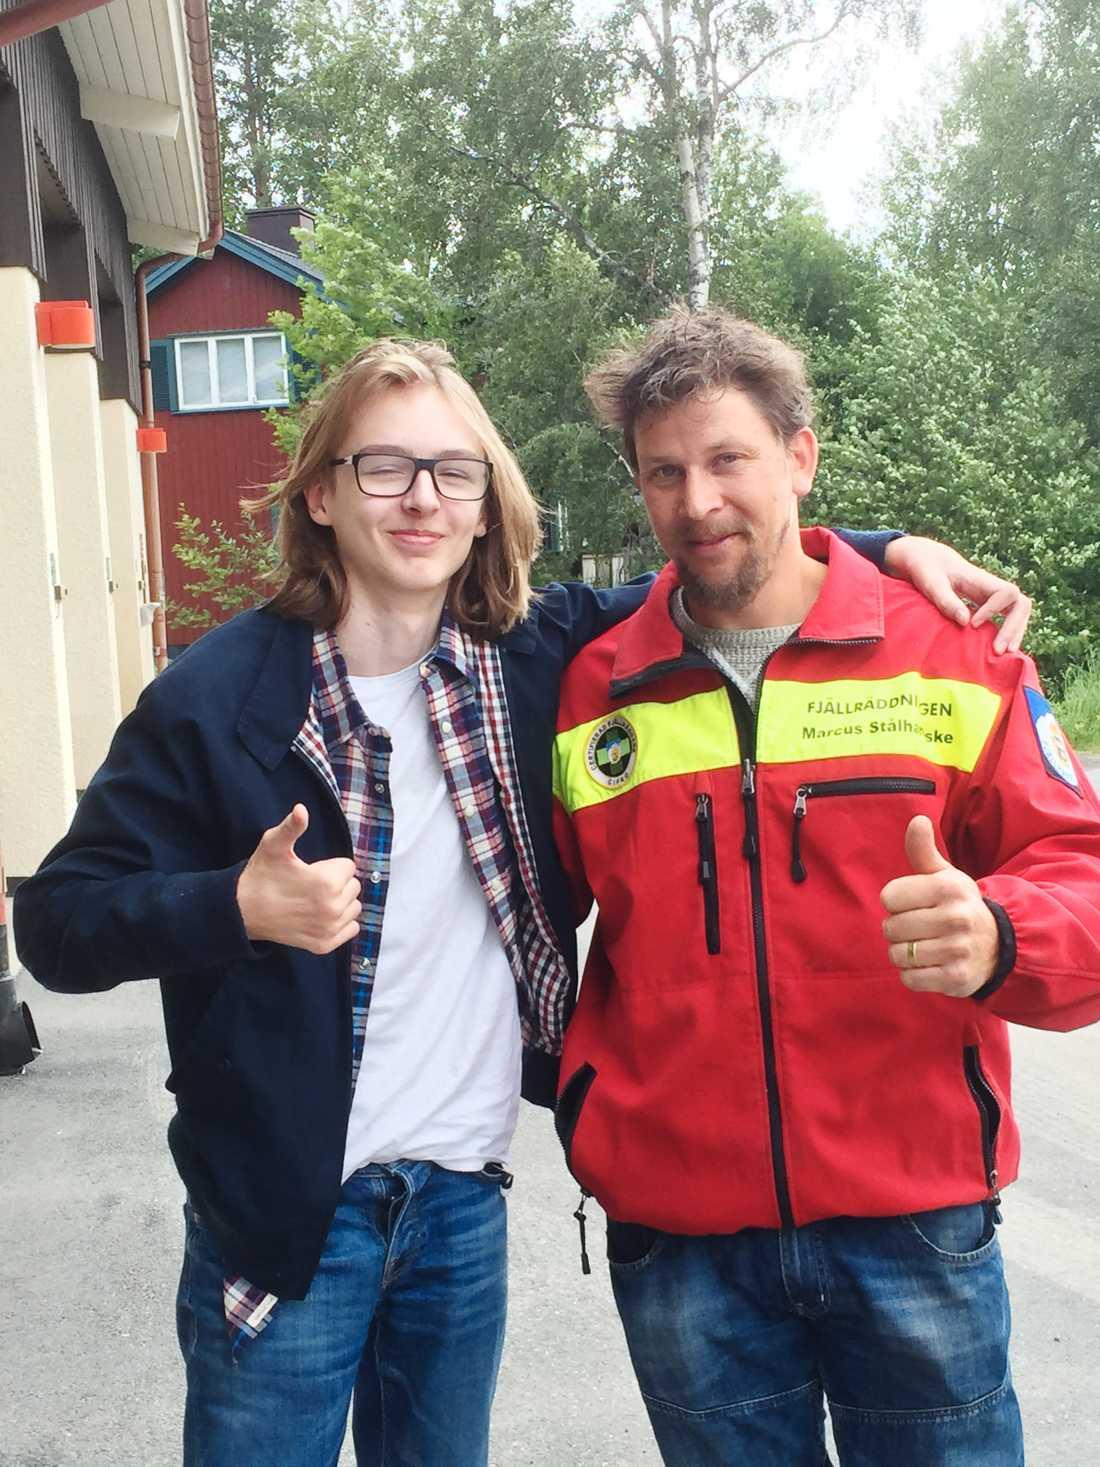 Leo Wågberg med Marcus Stålhandske från Fjällräddningen. Leo räddades efter att ha fått hjärtstopp när han hamnade i vattnet vid en kanottur på konfirmationslägret.